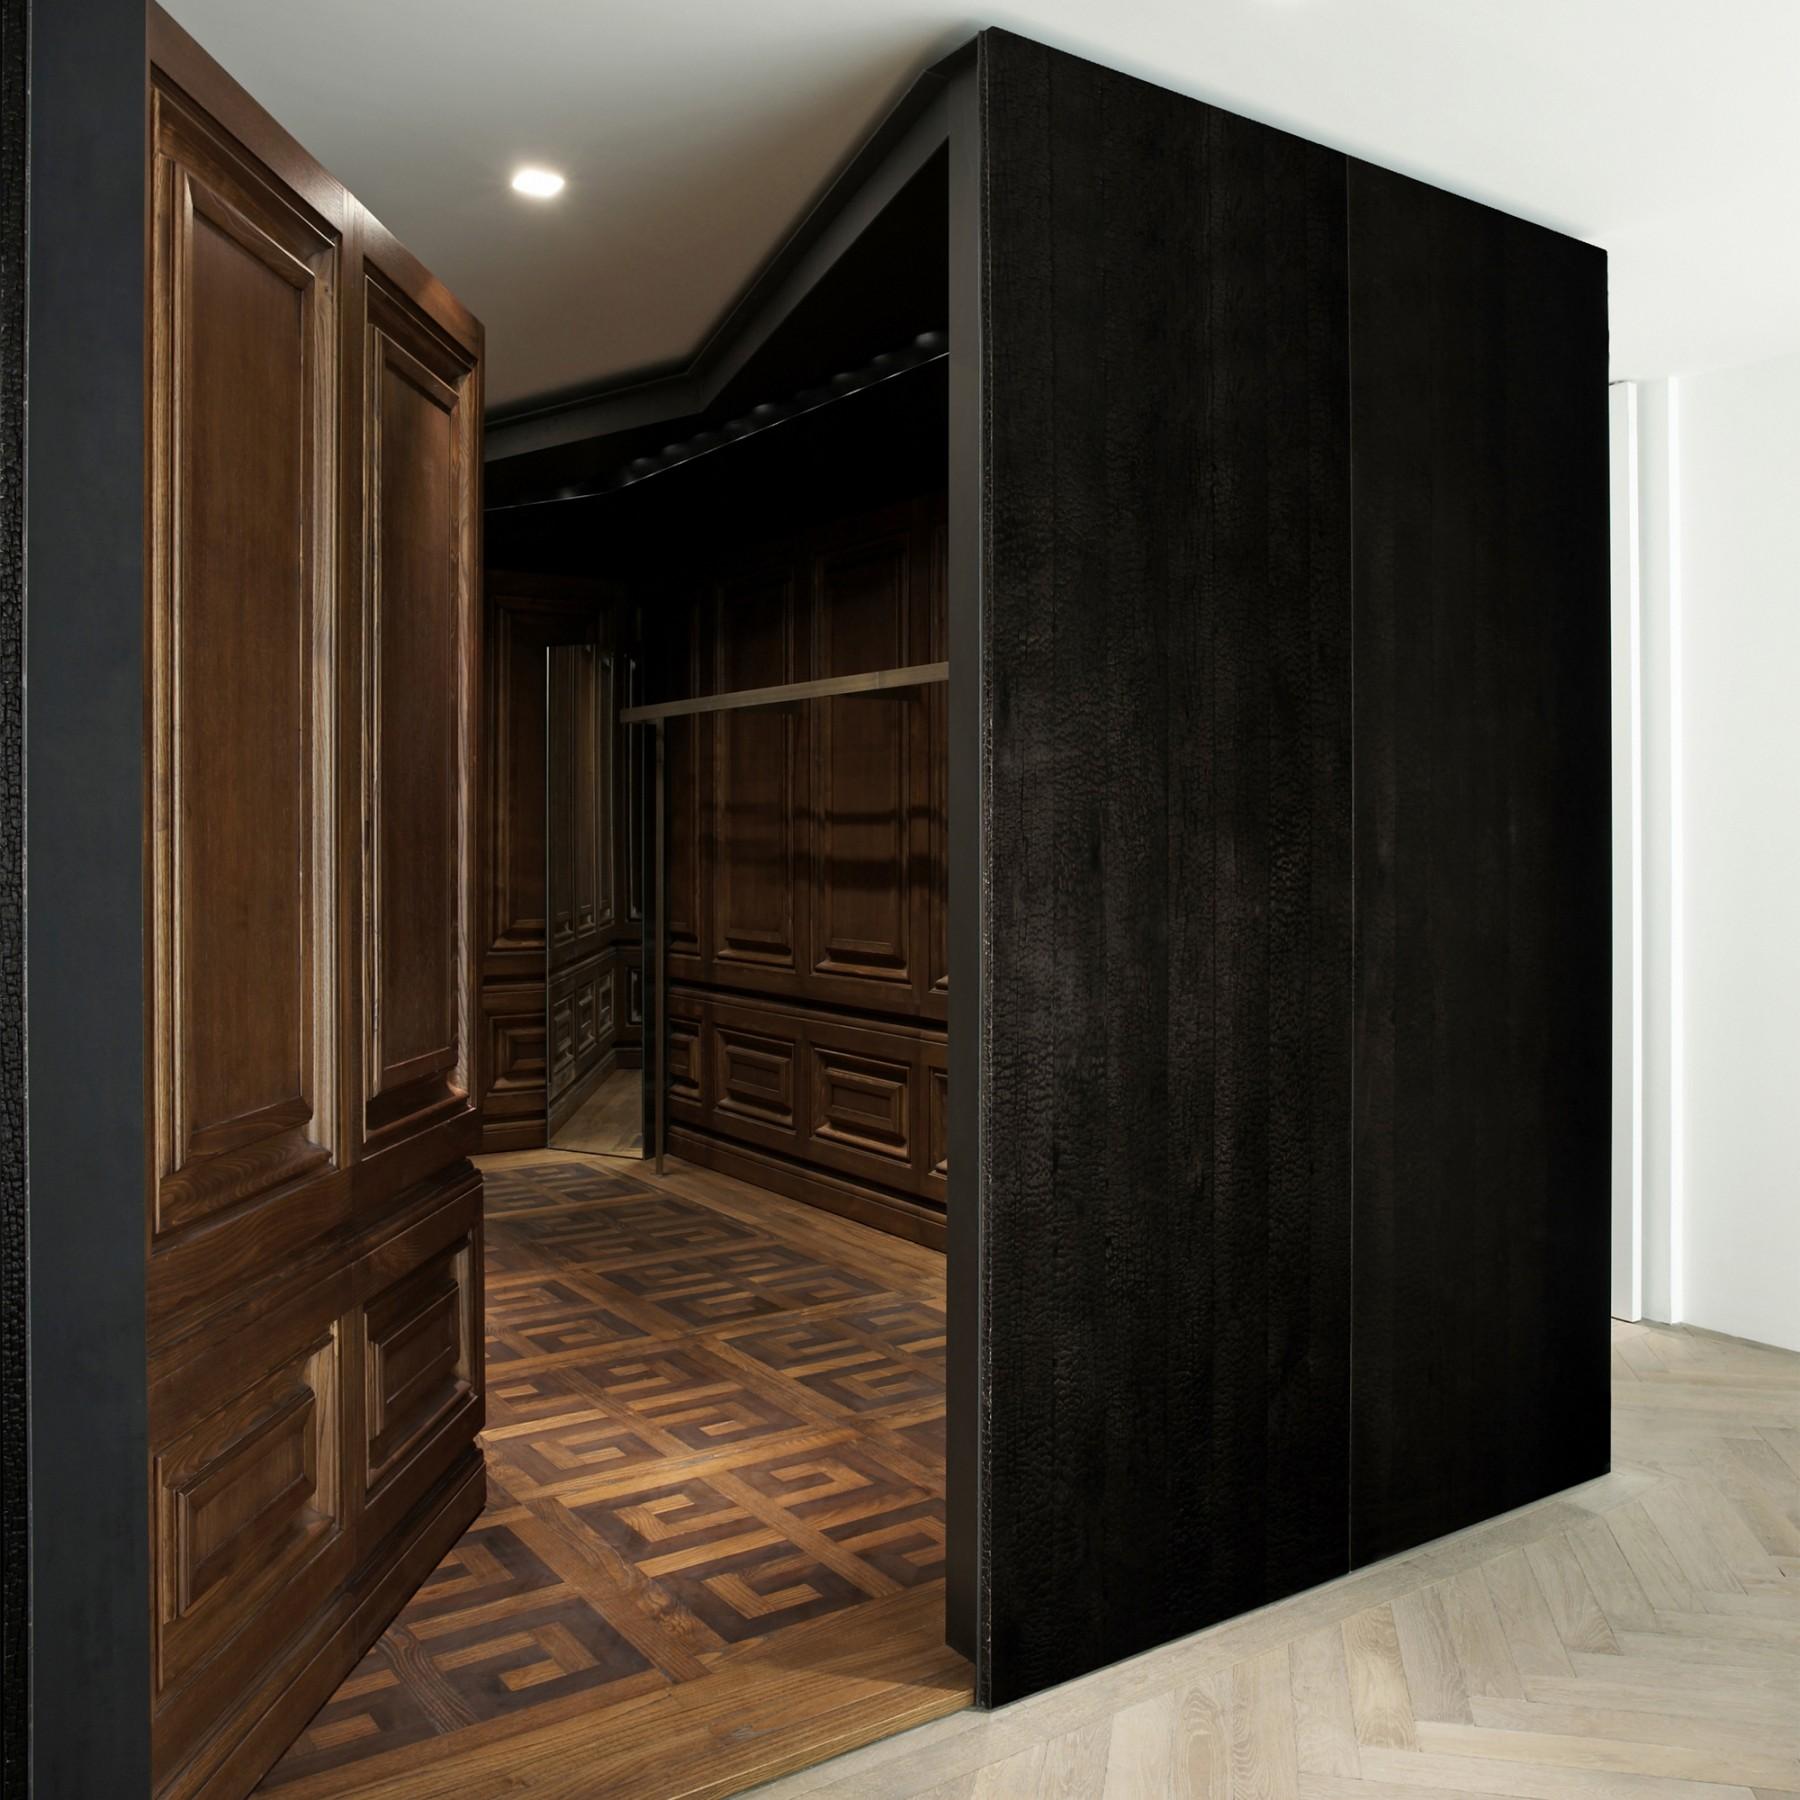 Givenchy-Paris-boutique-designer-fashion-retail-Jamie-Fobert-Architects-shop-7-2